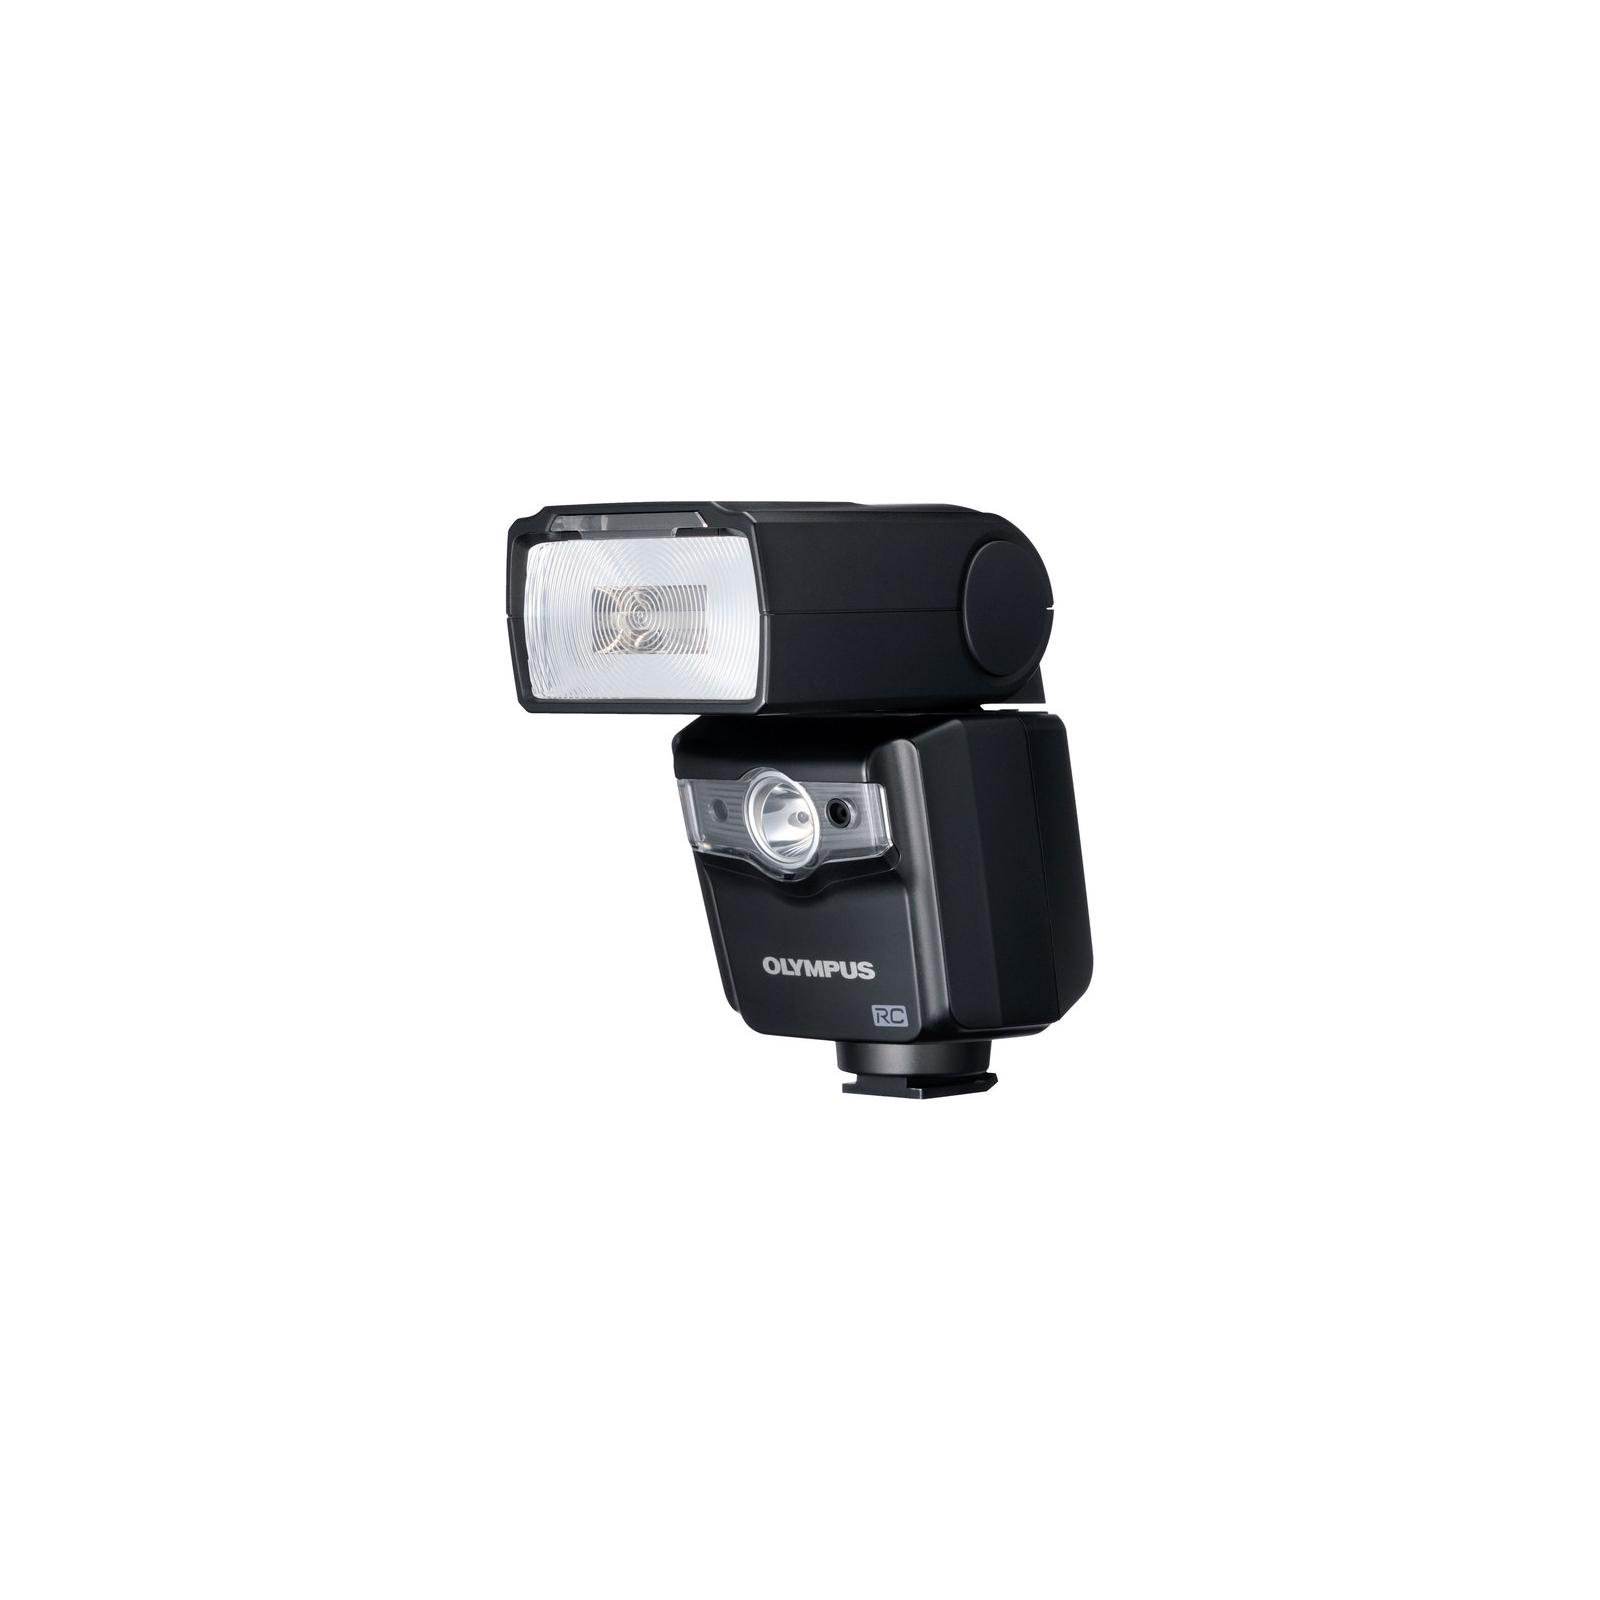 Вспышка OLYMPUS Flash FL-600R (V3261300E000) изображение 4